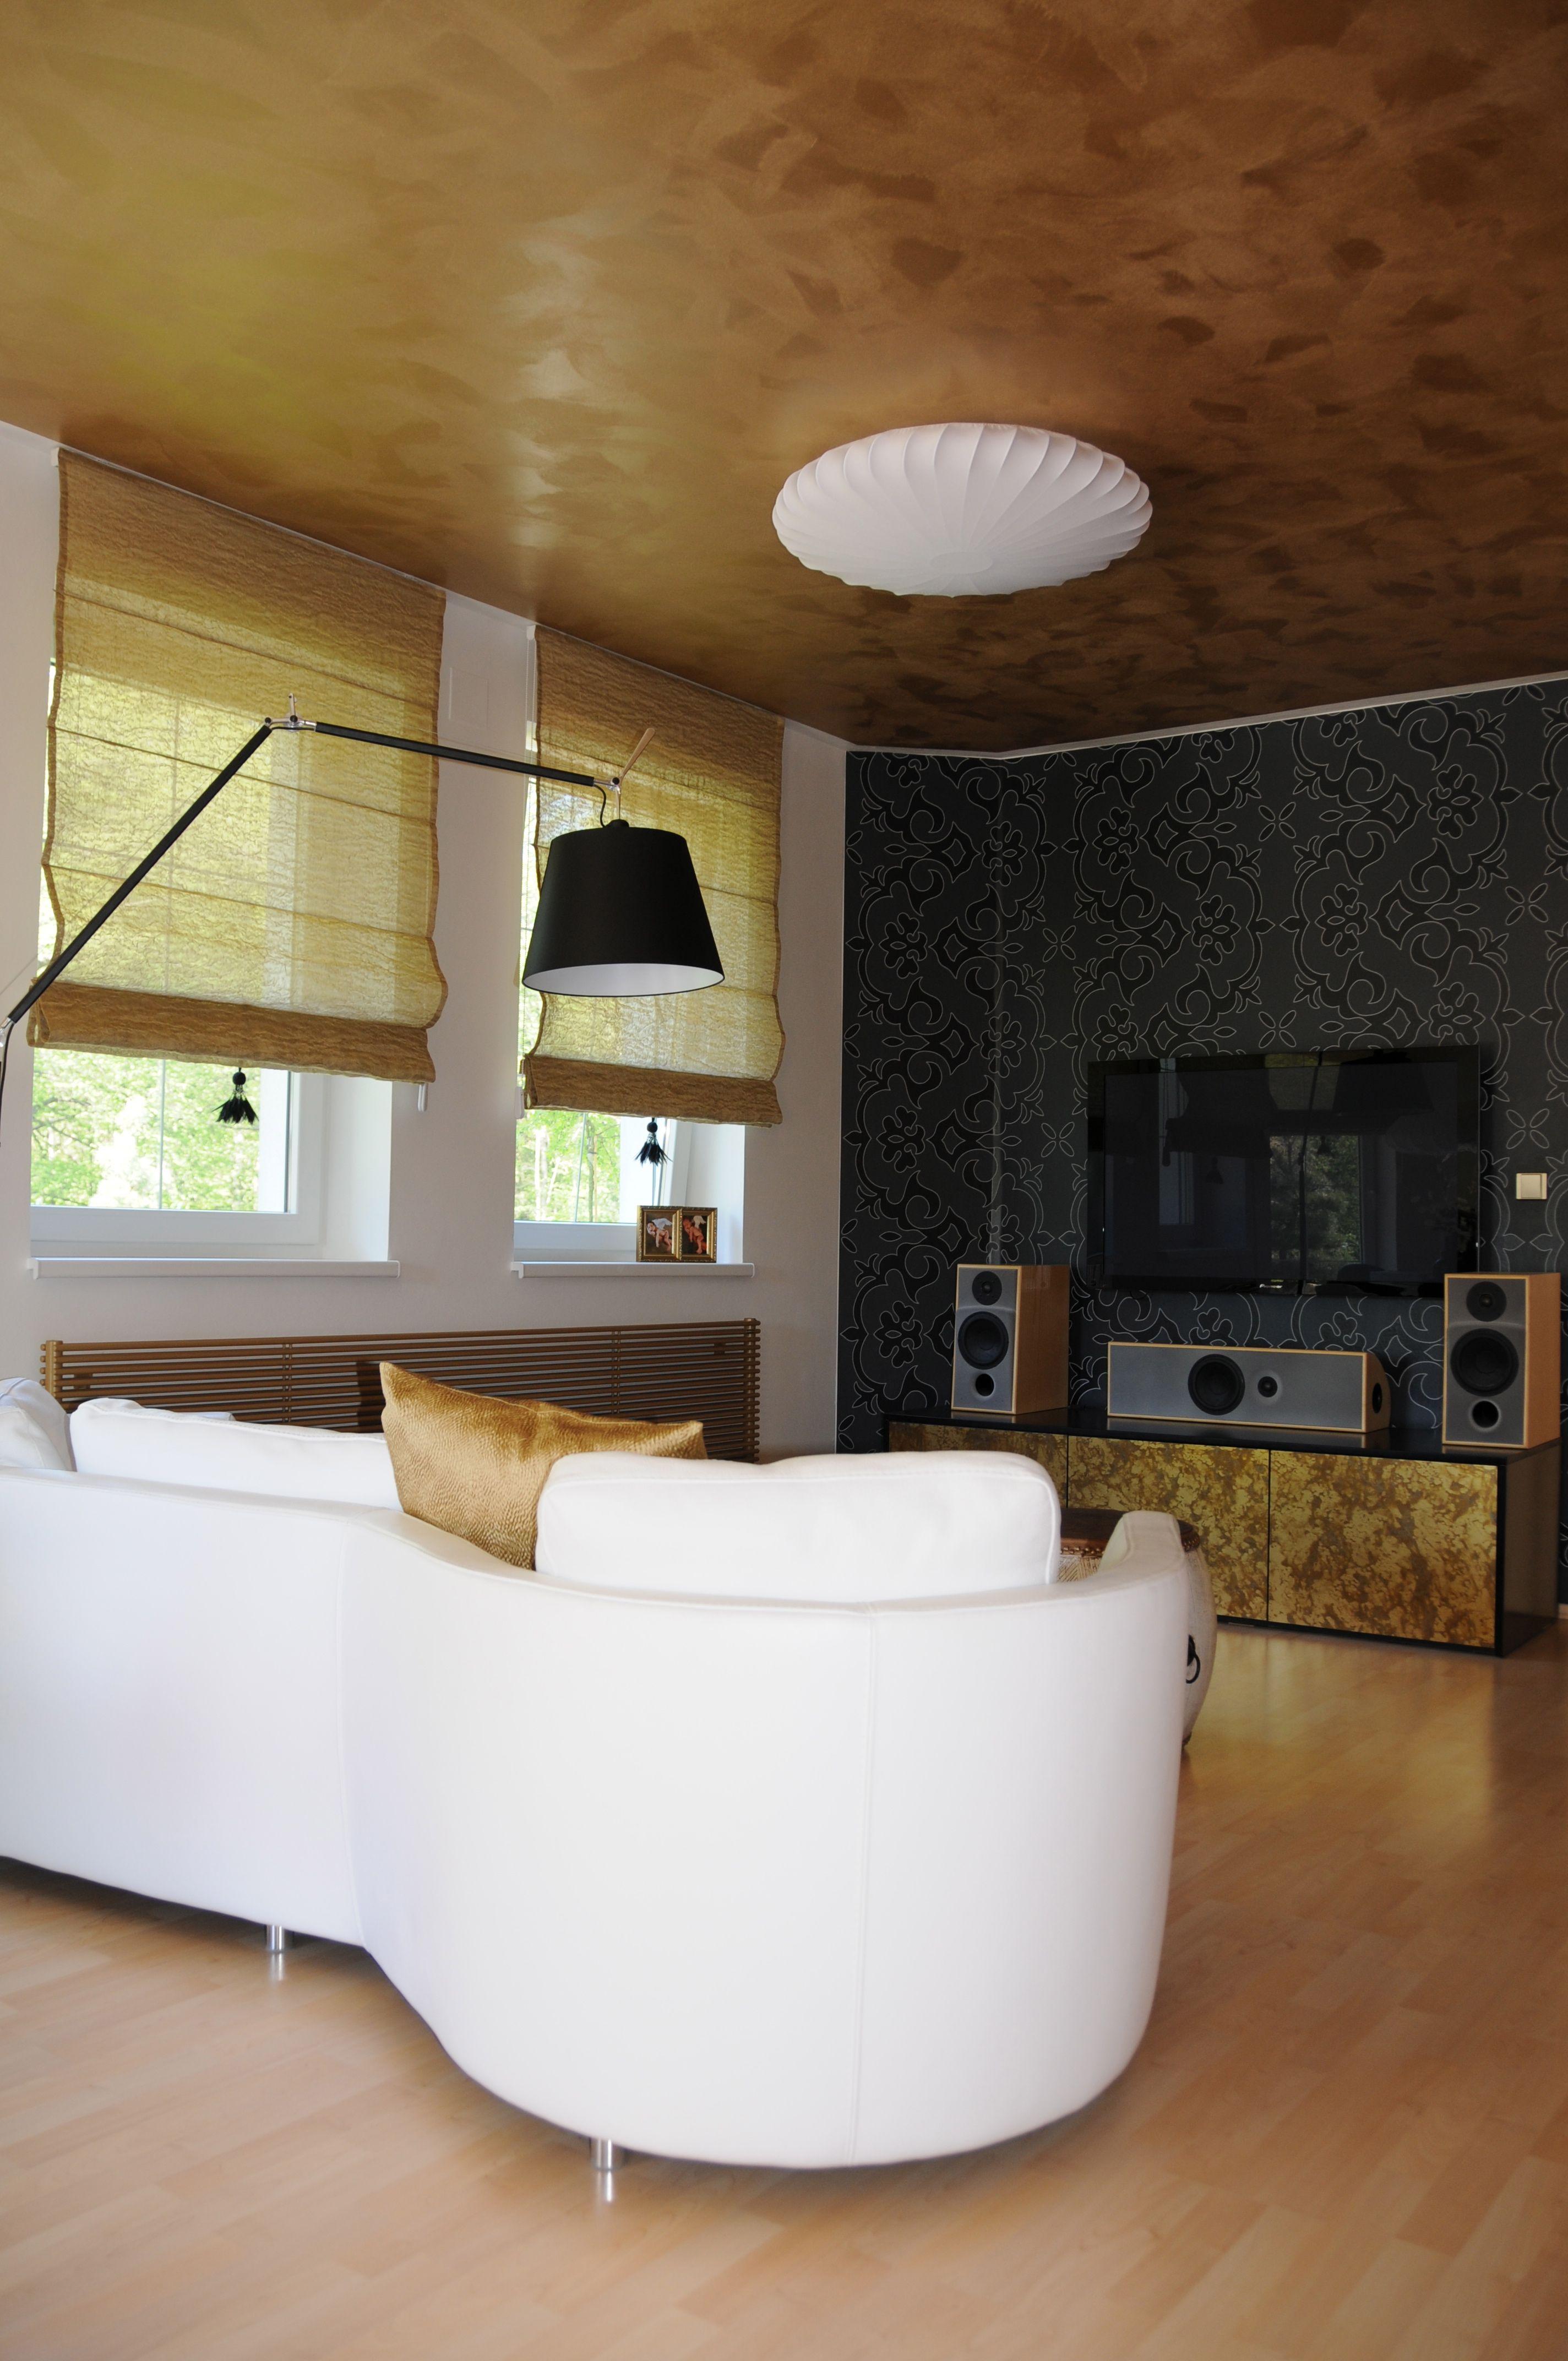 overhead sofa floor lamp old world golden ceiling black wallpaper and elegant white leather